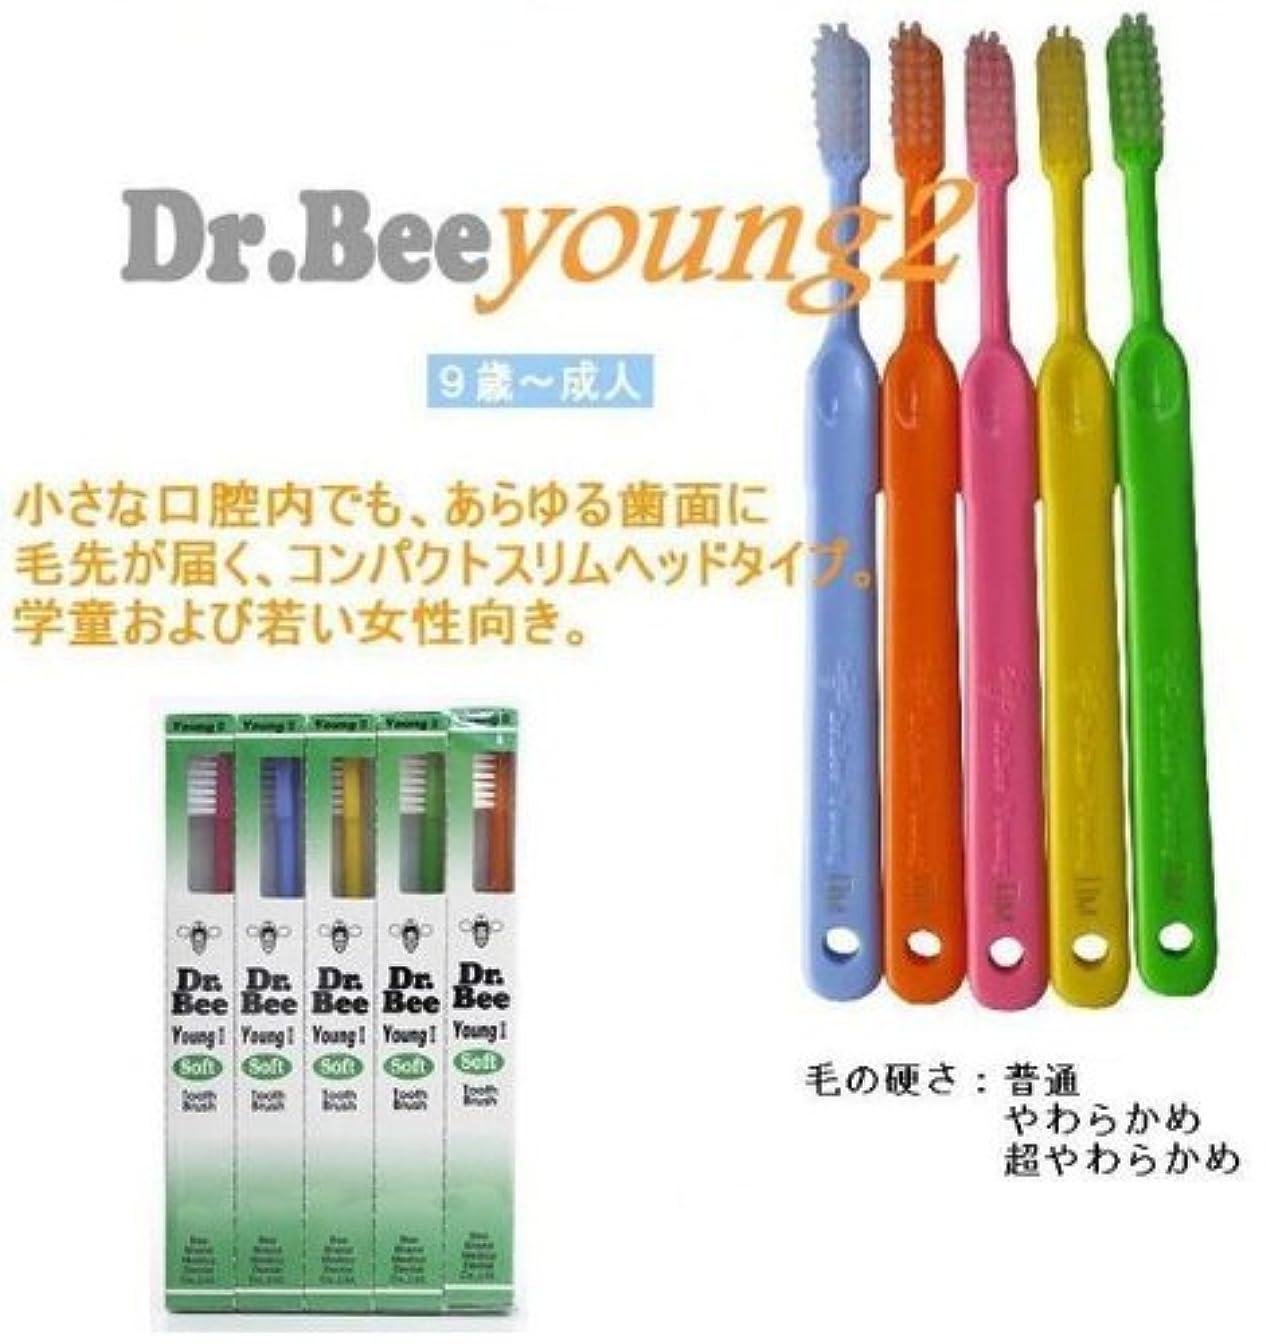 ゴネリルチューブ明日BeeBrand Dr.BEE 歯ブラシ ヤングII ミディアム